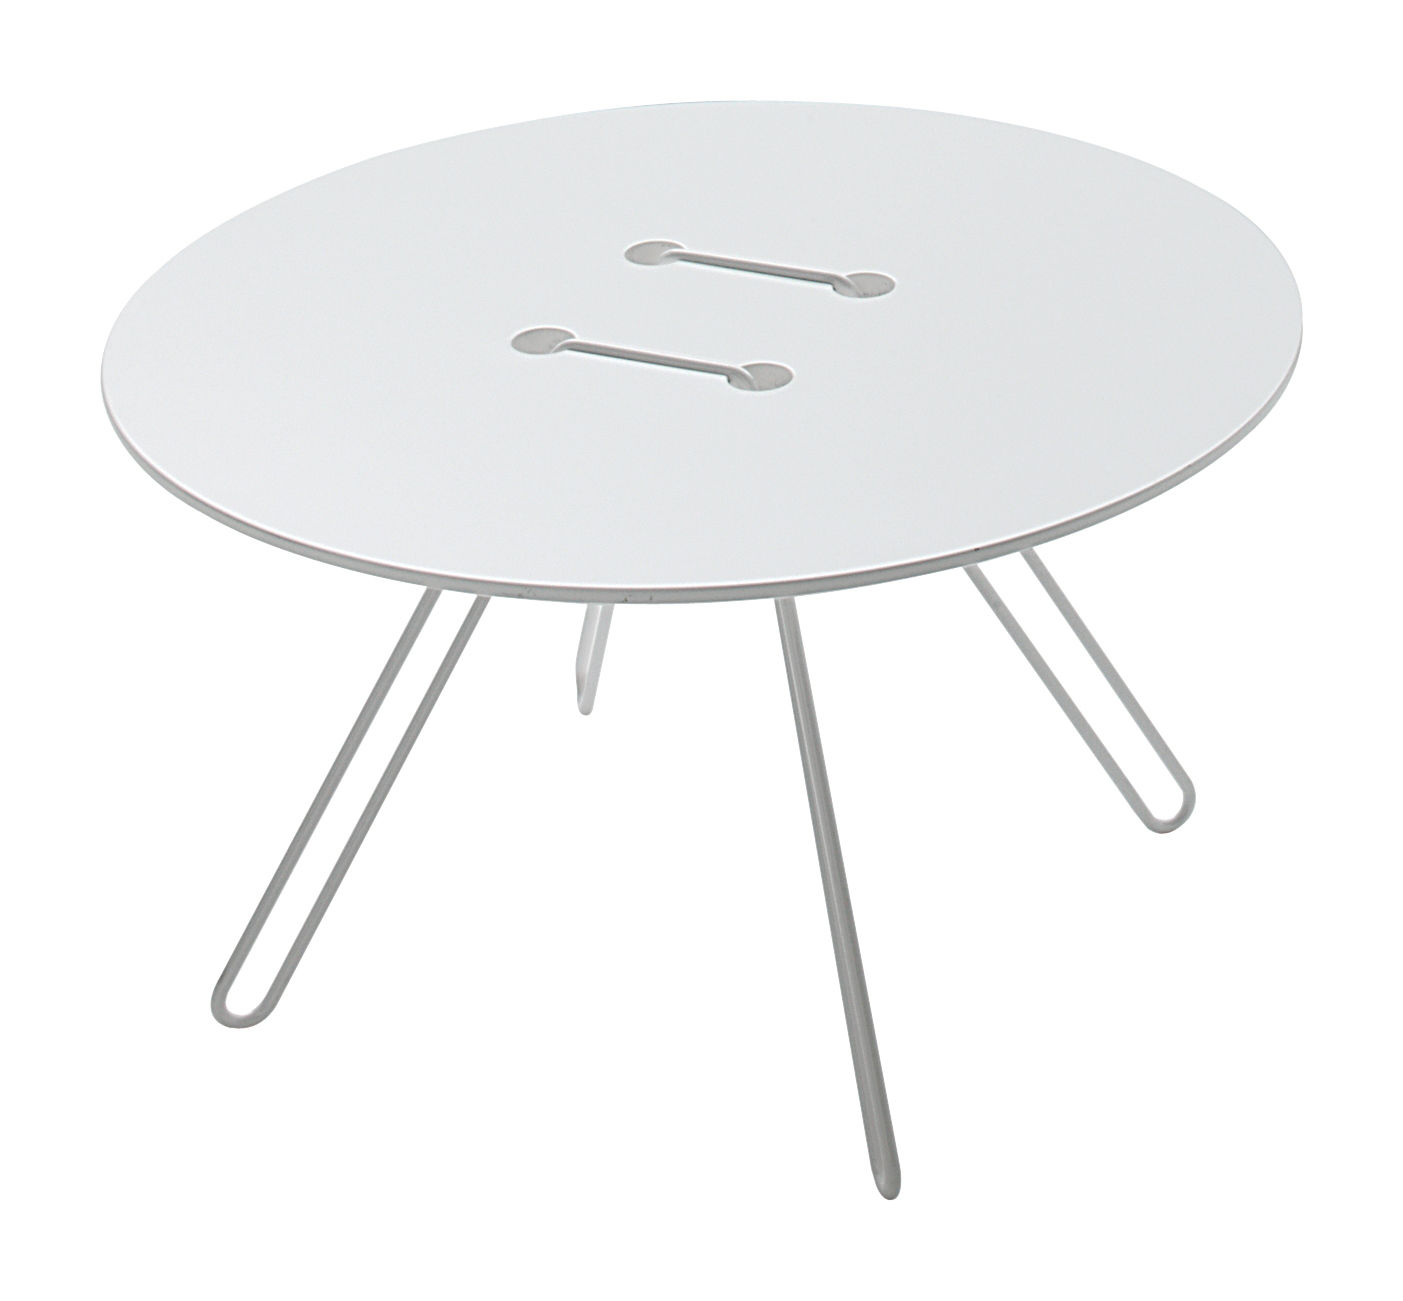 Arredamento - Tavolini  - Tavolino Twine - Ø 50 x H 33 cm di Casamania - Base bianca / Top bianco - MDF laccato, metallo laccato